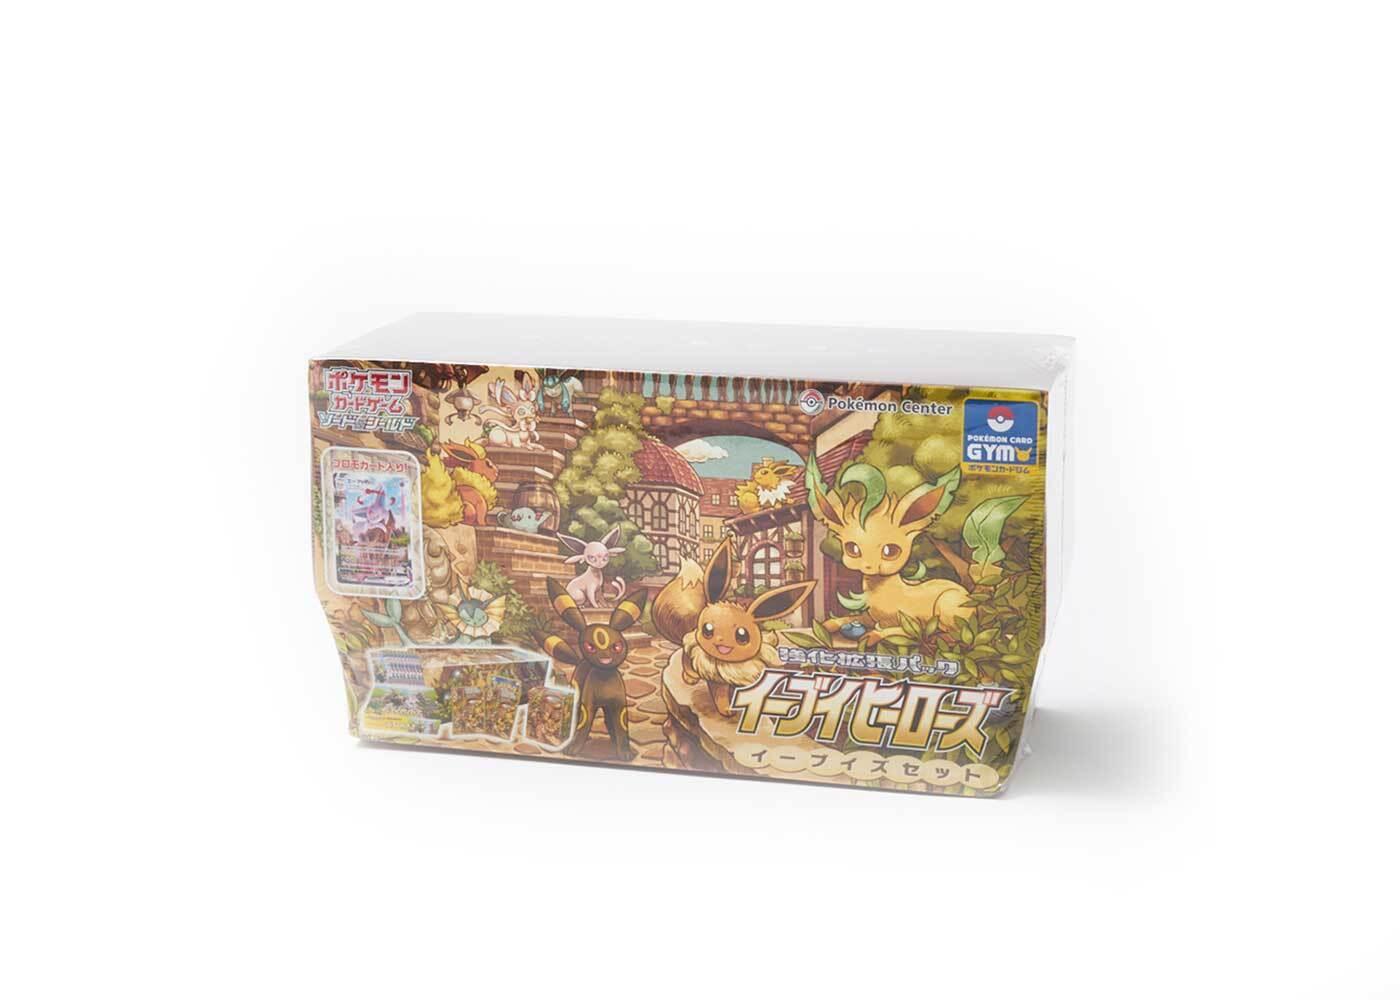 ポケモンカードゲーム ソード & シールド 強化拡張パック イーブイヒーローズ イーブイズセットの写真